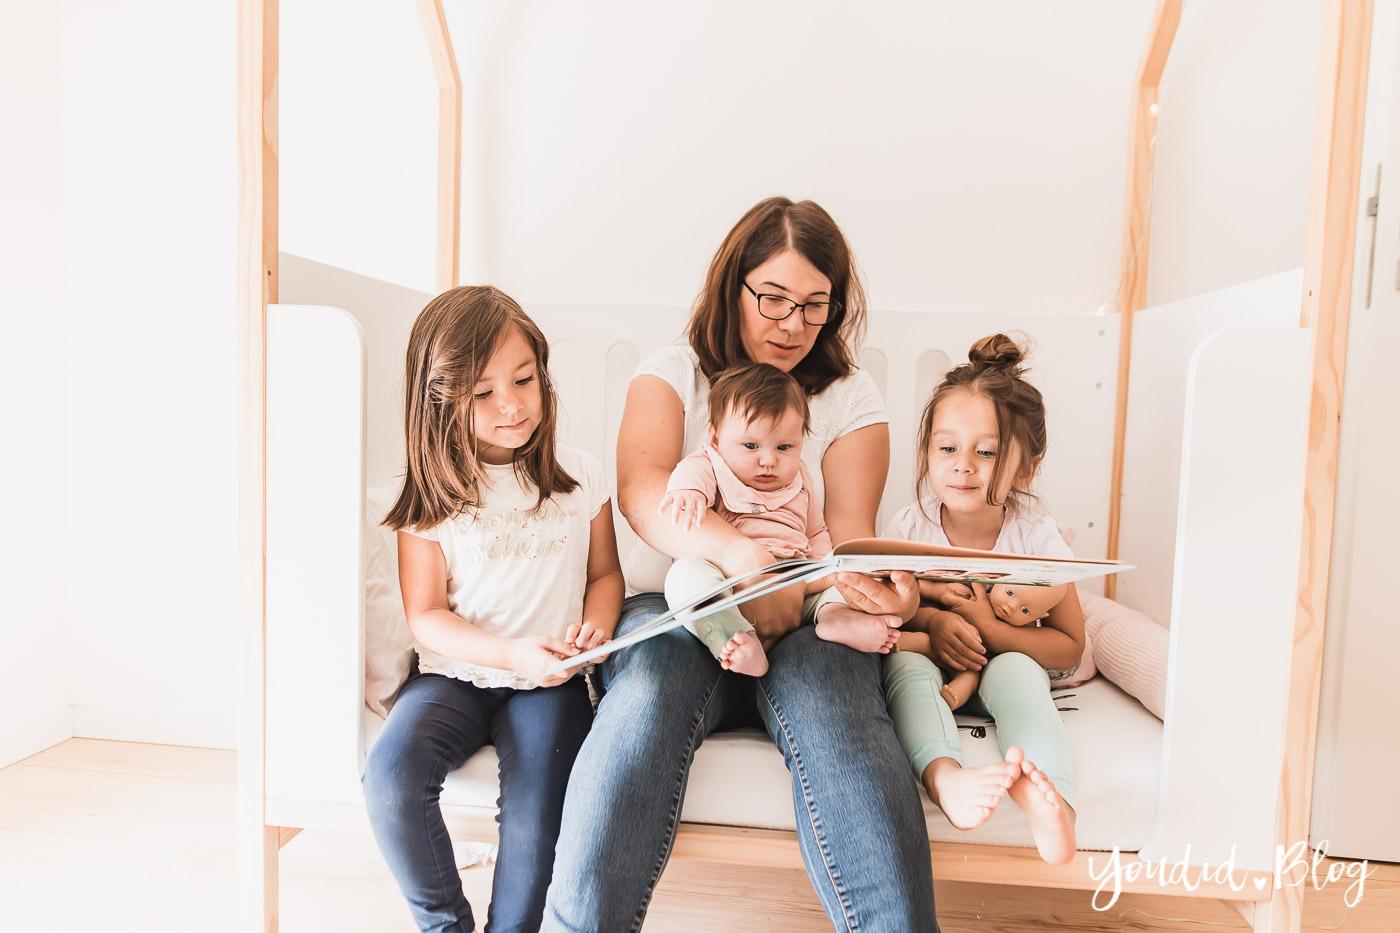 Dreifach Mama - der perfekte Altersabstand beim dritten Kind und das persÖnlichste Vorlesebuch von Hurra Helden | https://youdid.blog